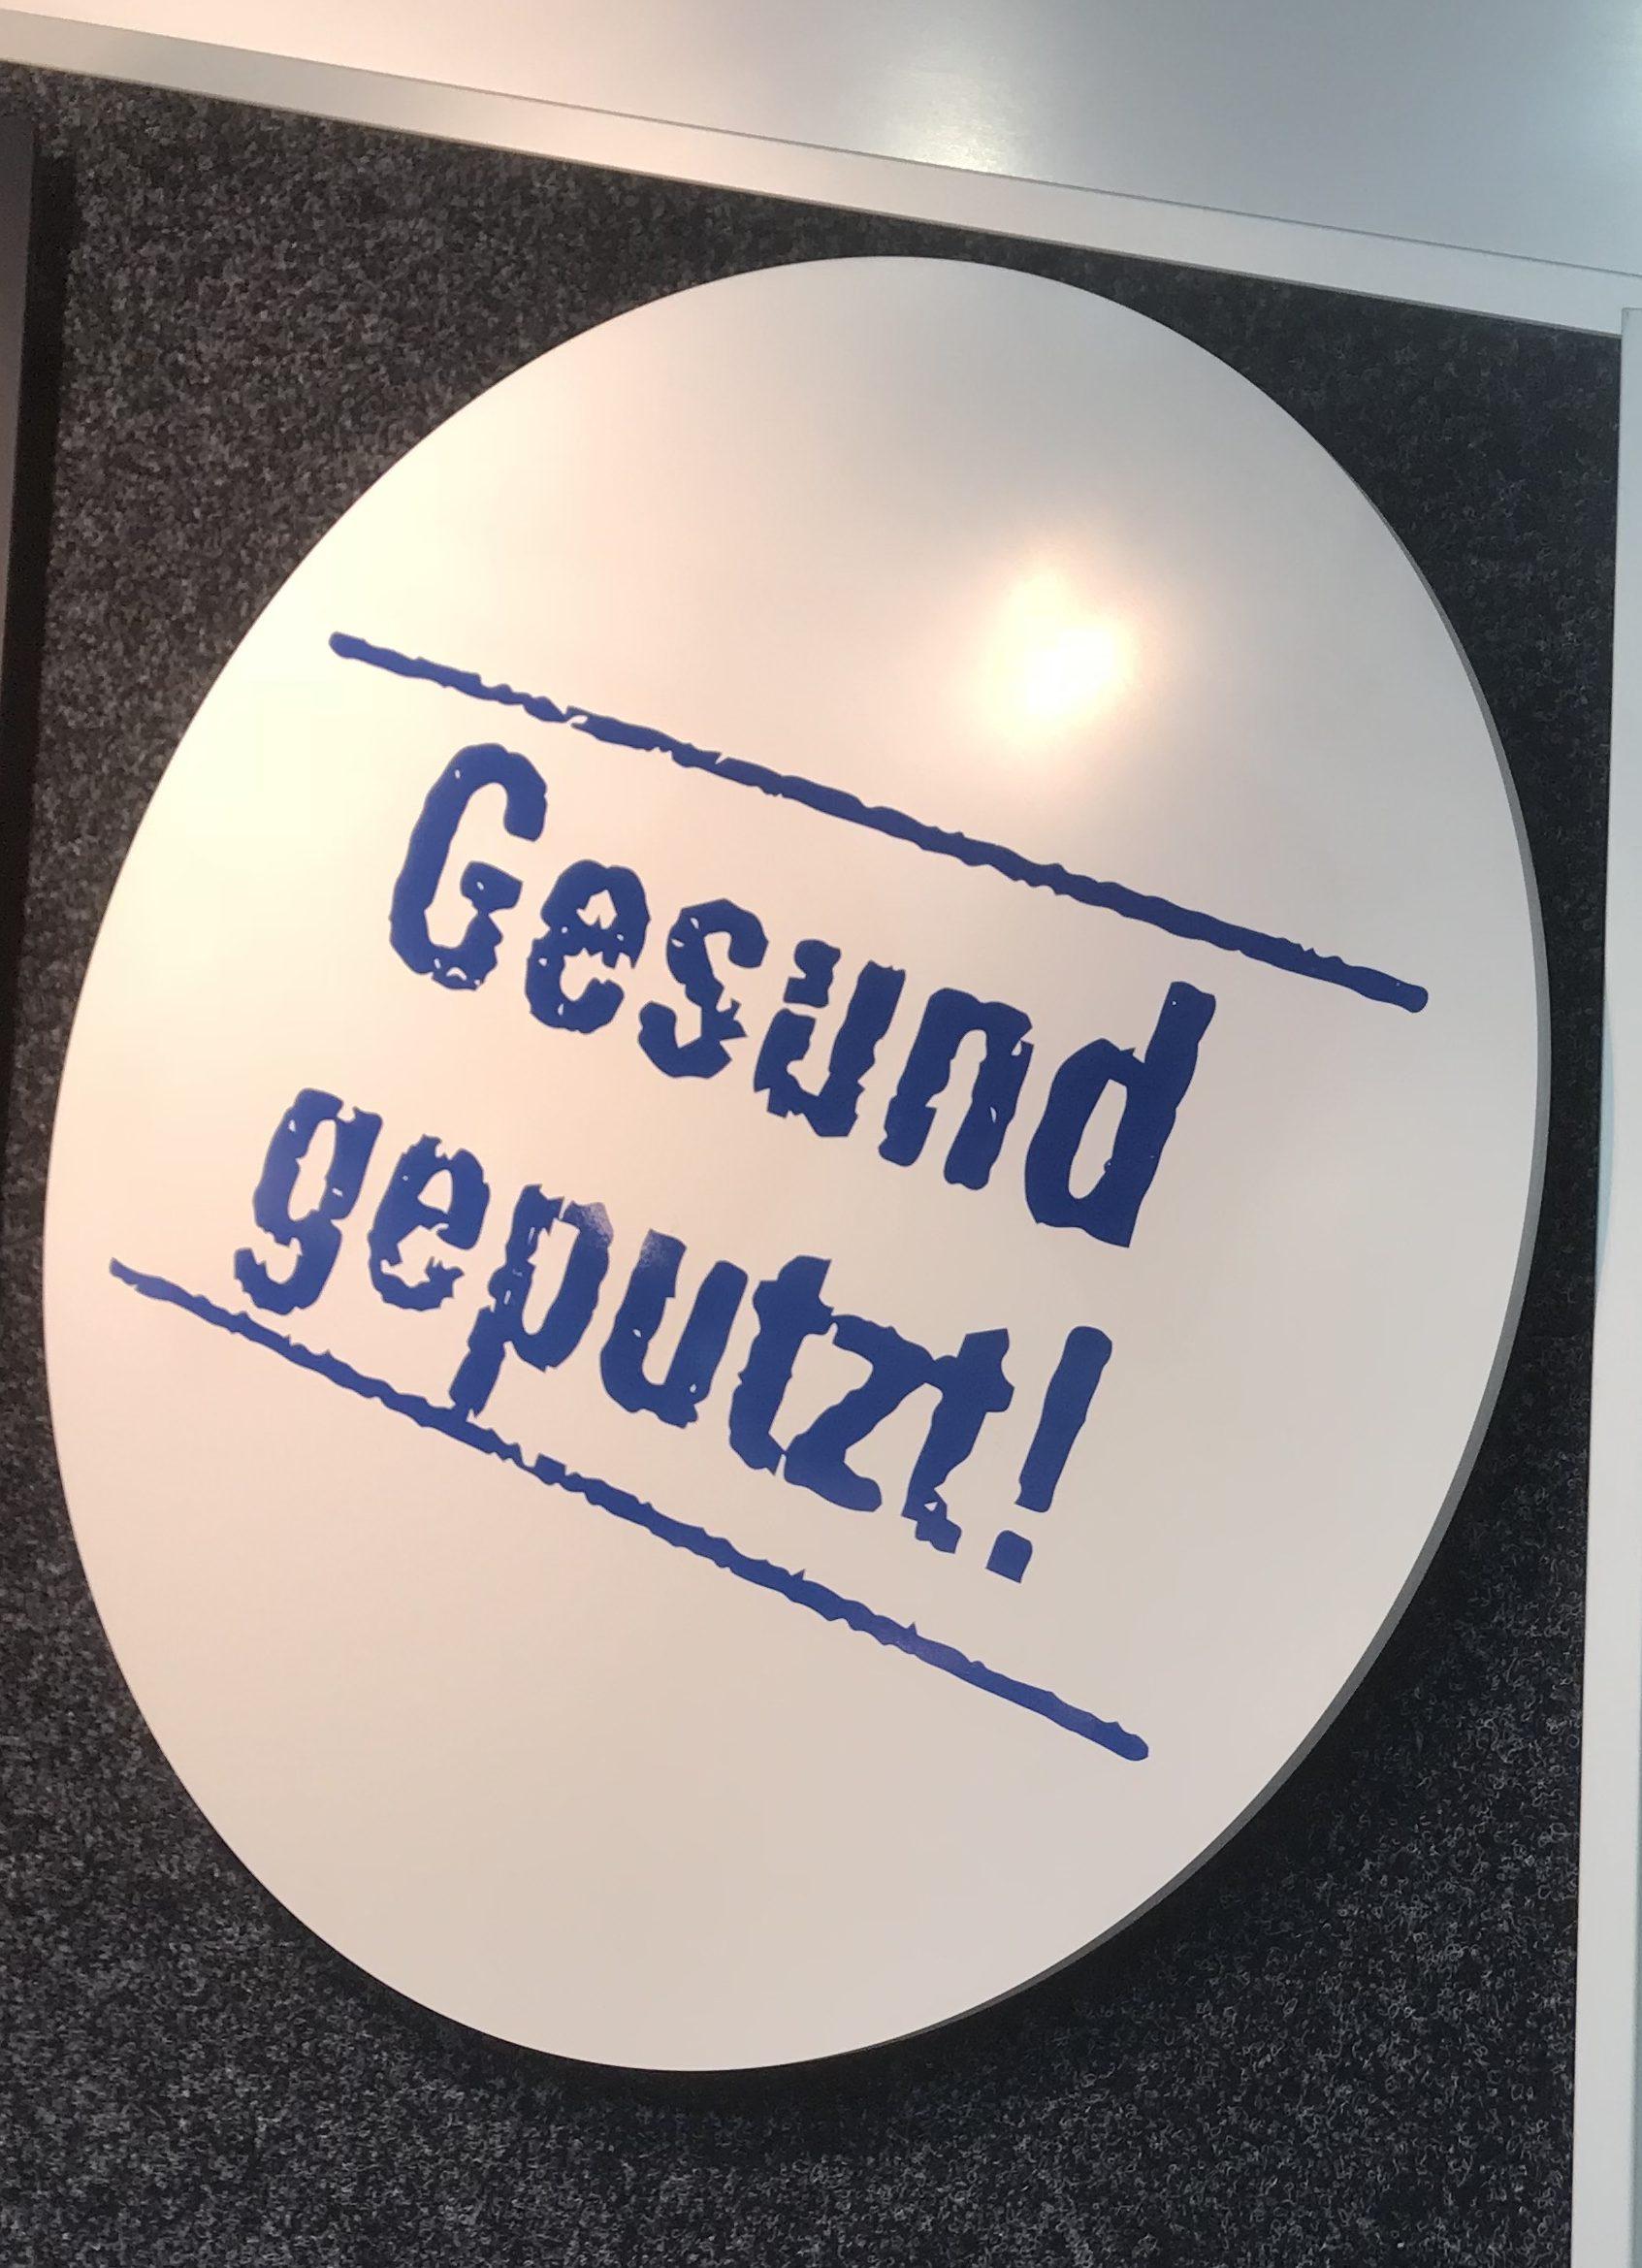 Gesund leben heisst gesund renovieren - wir machen genau das: auf Wohngesundheit achten: Wunschmaler Bremen